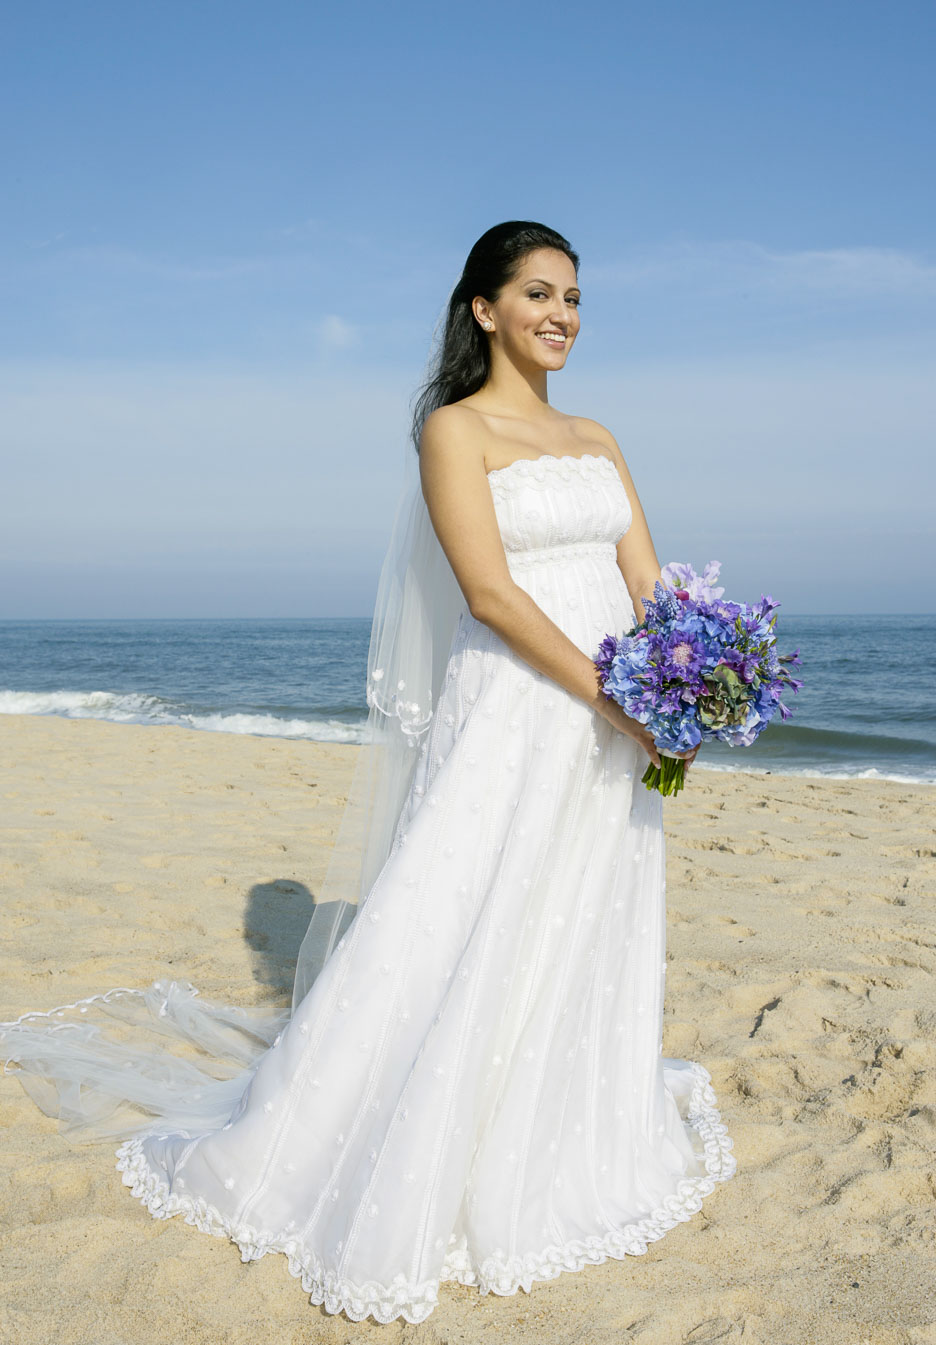 Hamptons-wedding-beach-19.jpg